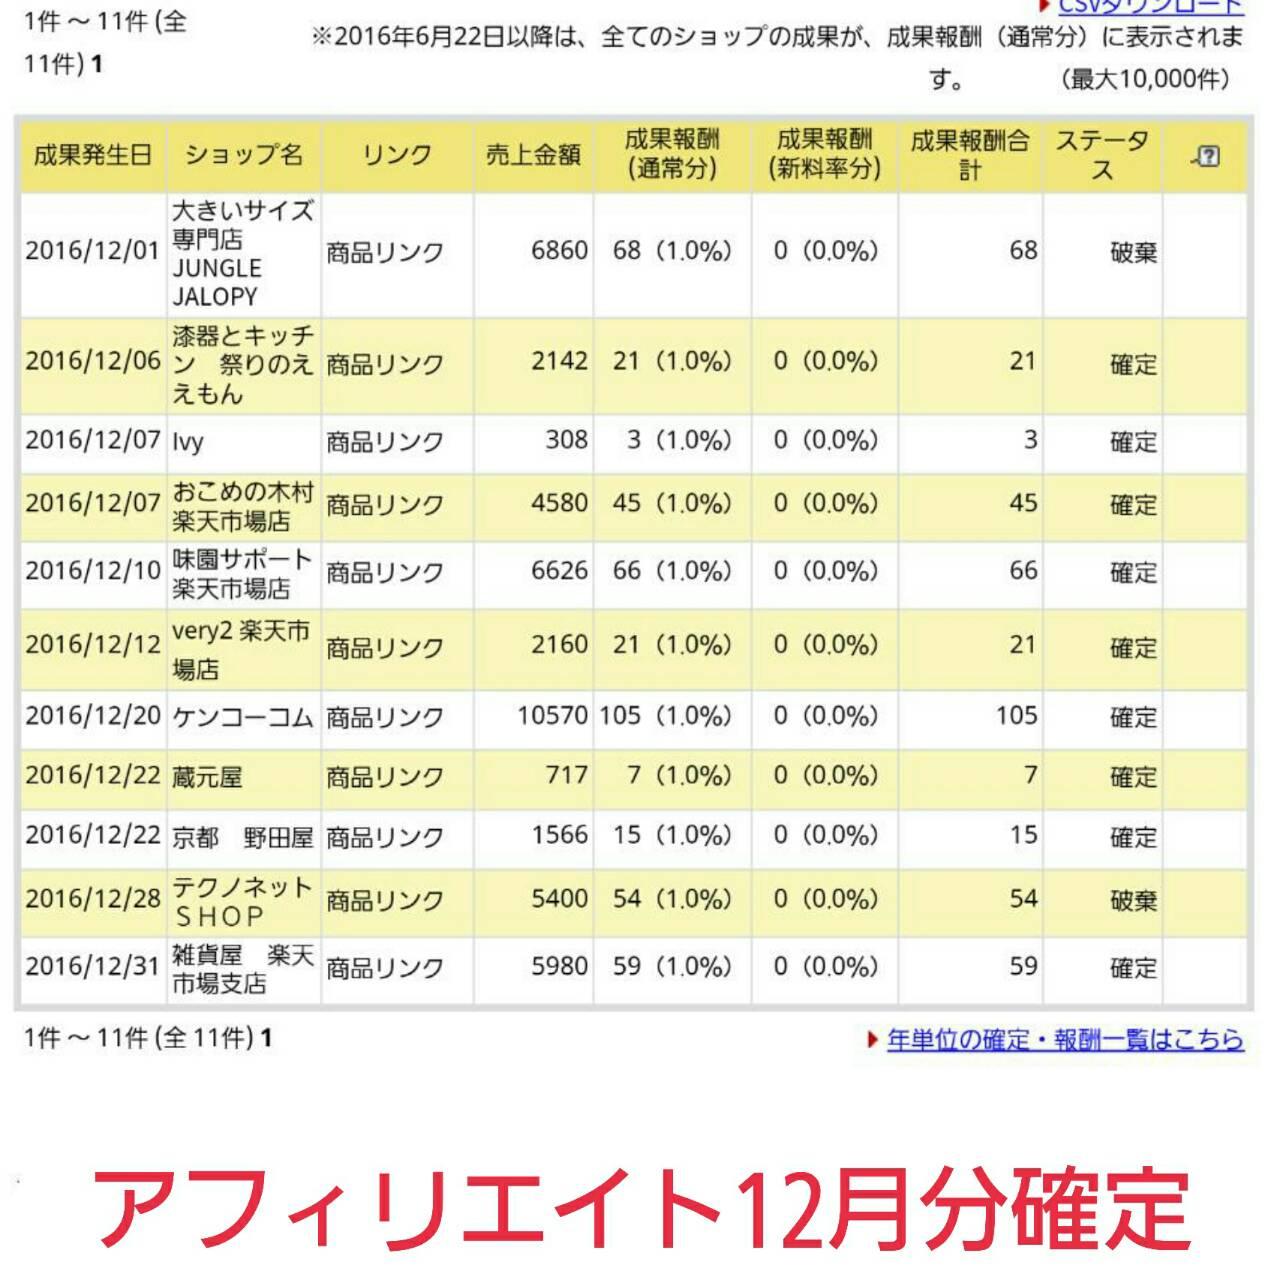 12月分のアフィリエイト収入確定金額